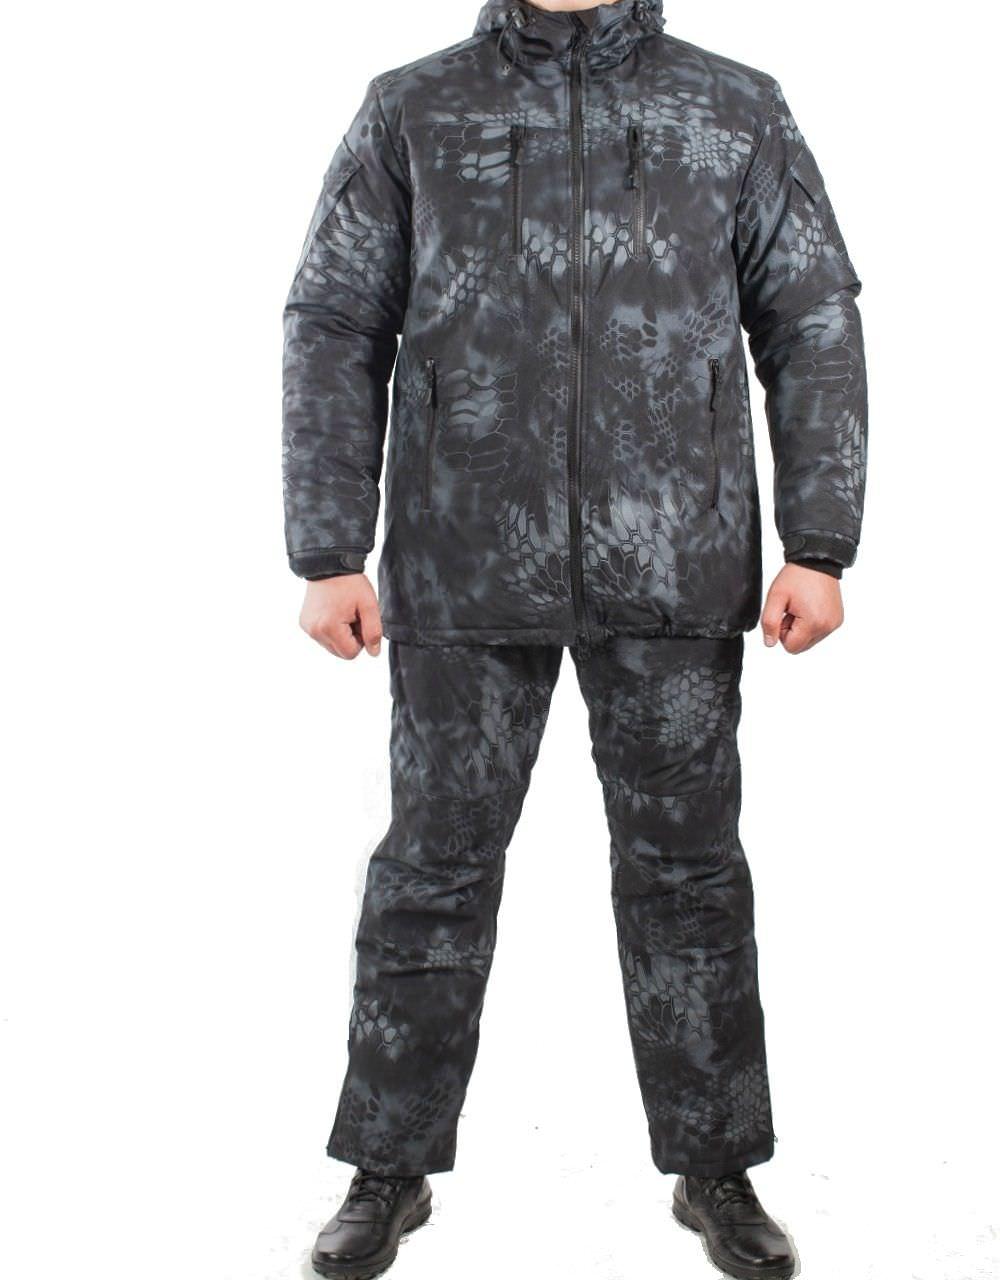 Костюм зимний МПА-38-01 (мембрана, питон ночь), Костюмы утепленные<br>Костюм состоит из брюк с плечевой разгрузочной <br>системой, а также куртки со съемным капюшоном <br>и утепляющей подкладкой. Разработан для <br>подразделений воооруженных сил, действующих <br>в условиях экстремального холода (до -50 <br>градусов Цельсия). ХАРАКТЕРИСТИКИ ЗАЩИТА <br>ОТ ХОЛОДА ДЛЯ ИНТЕНСИВНЫХ НАГРУЗОК ДЛЯ <br>АКТИВНОГО ОТДЫХА ТОЛЬКО РУЧНАЯ СТИРКА МАТЕРИАЛЫ <br>МЕМБРАНА УТЕПЛИТЕЛЬ ФАЙБЕРСОФТ<br><br>Пол: мужской<br>Размер: 44<br>Рост: 170<br>Сезон: зима<br>Цвет: черный<br>Материал: мембрана